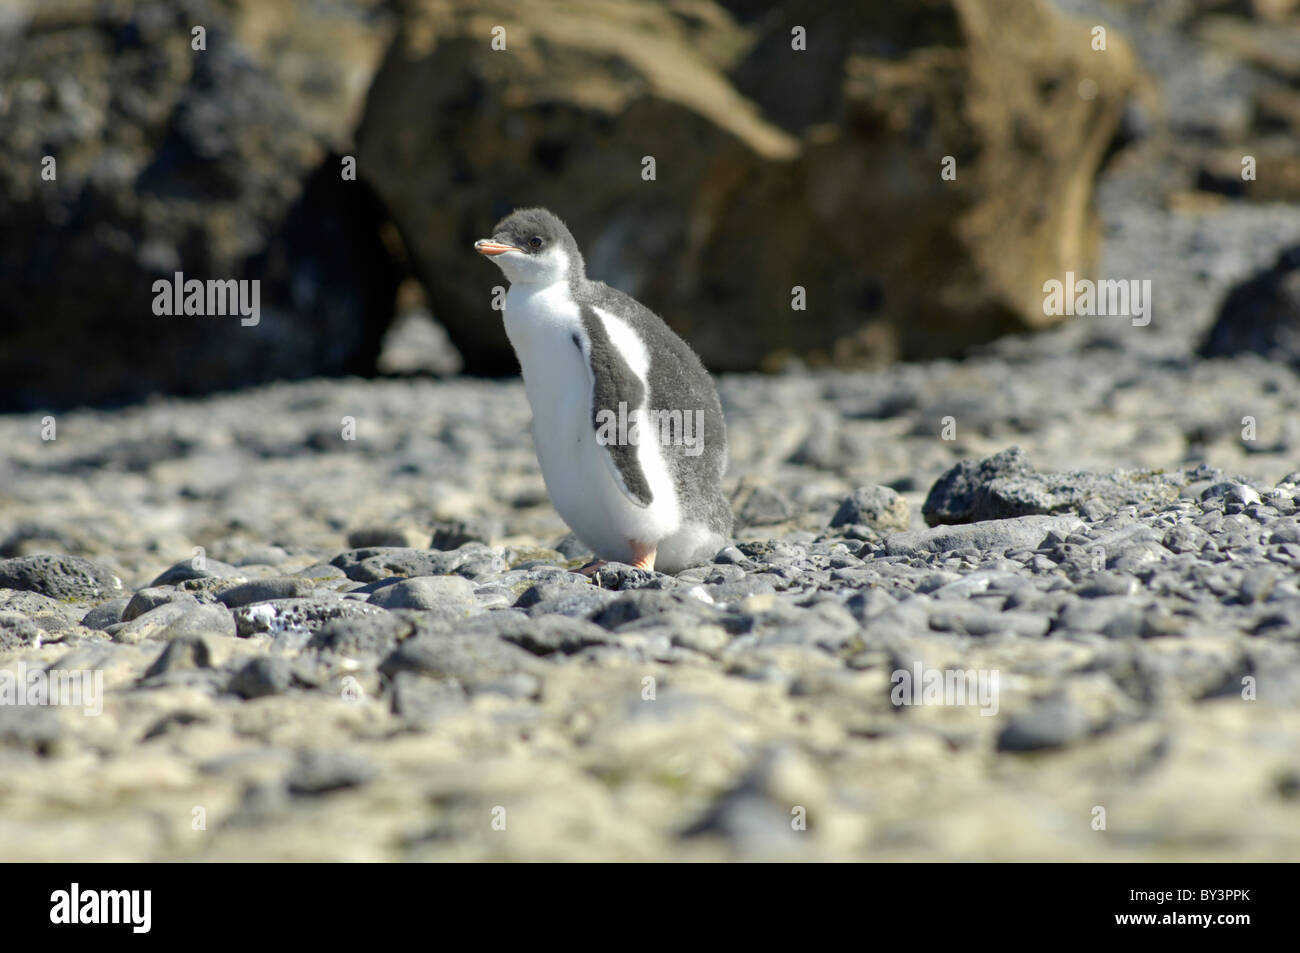 Baby Gentoo penguin Pygoscelis papua at Brown Bluff, Tabarin Peninsula, Antarctica - Stock Image